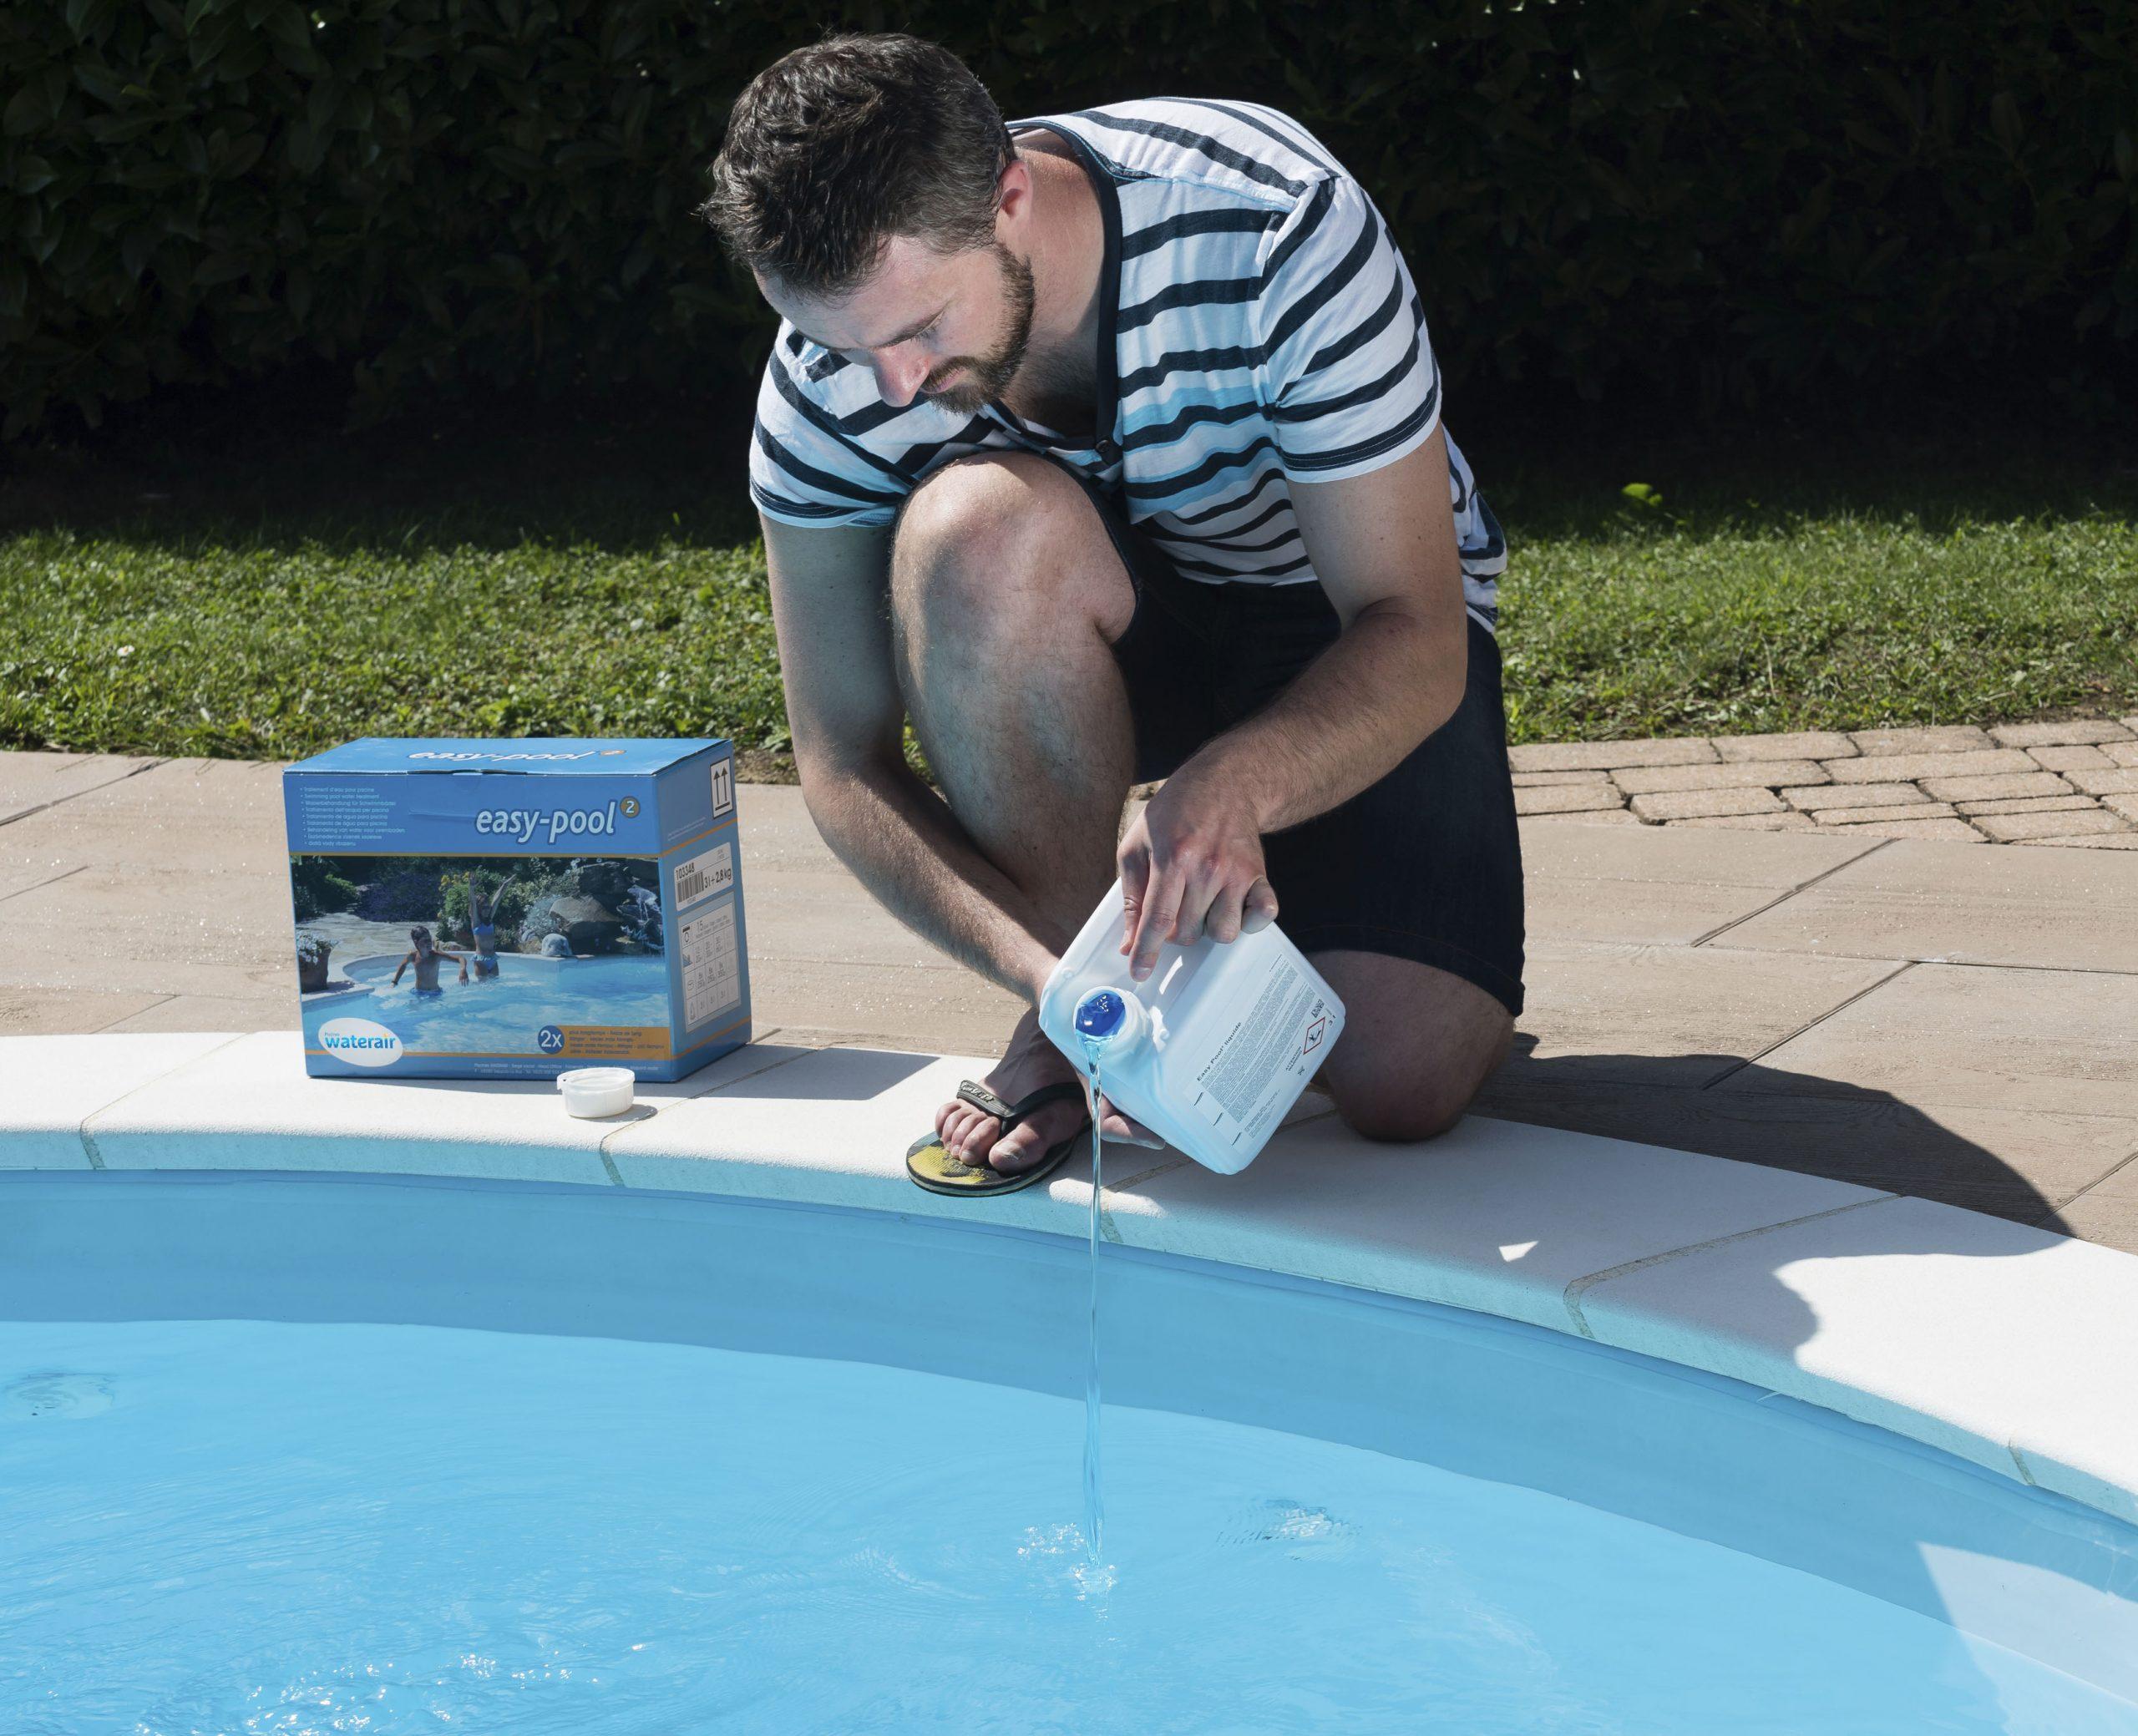 Le Stabilisant - Piscines Waterair concernant Trop De Chlore Piscine